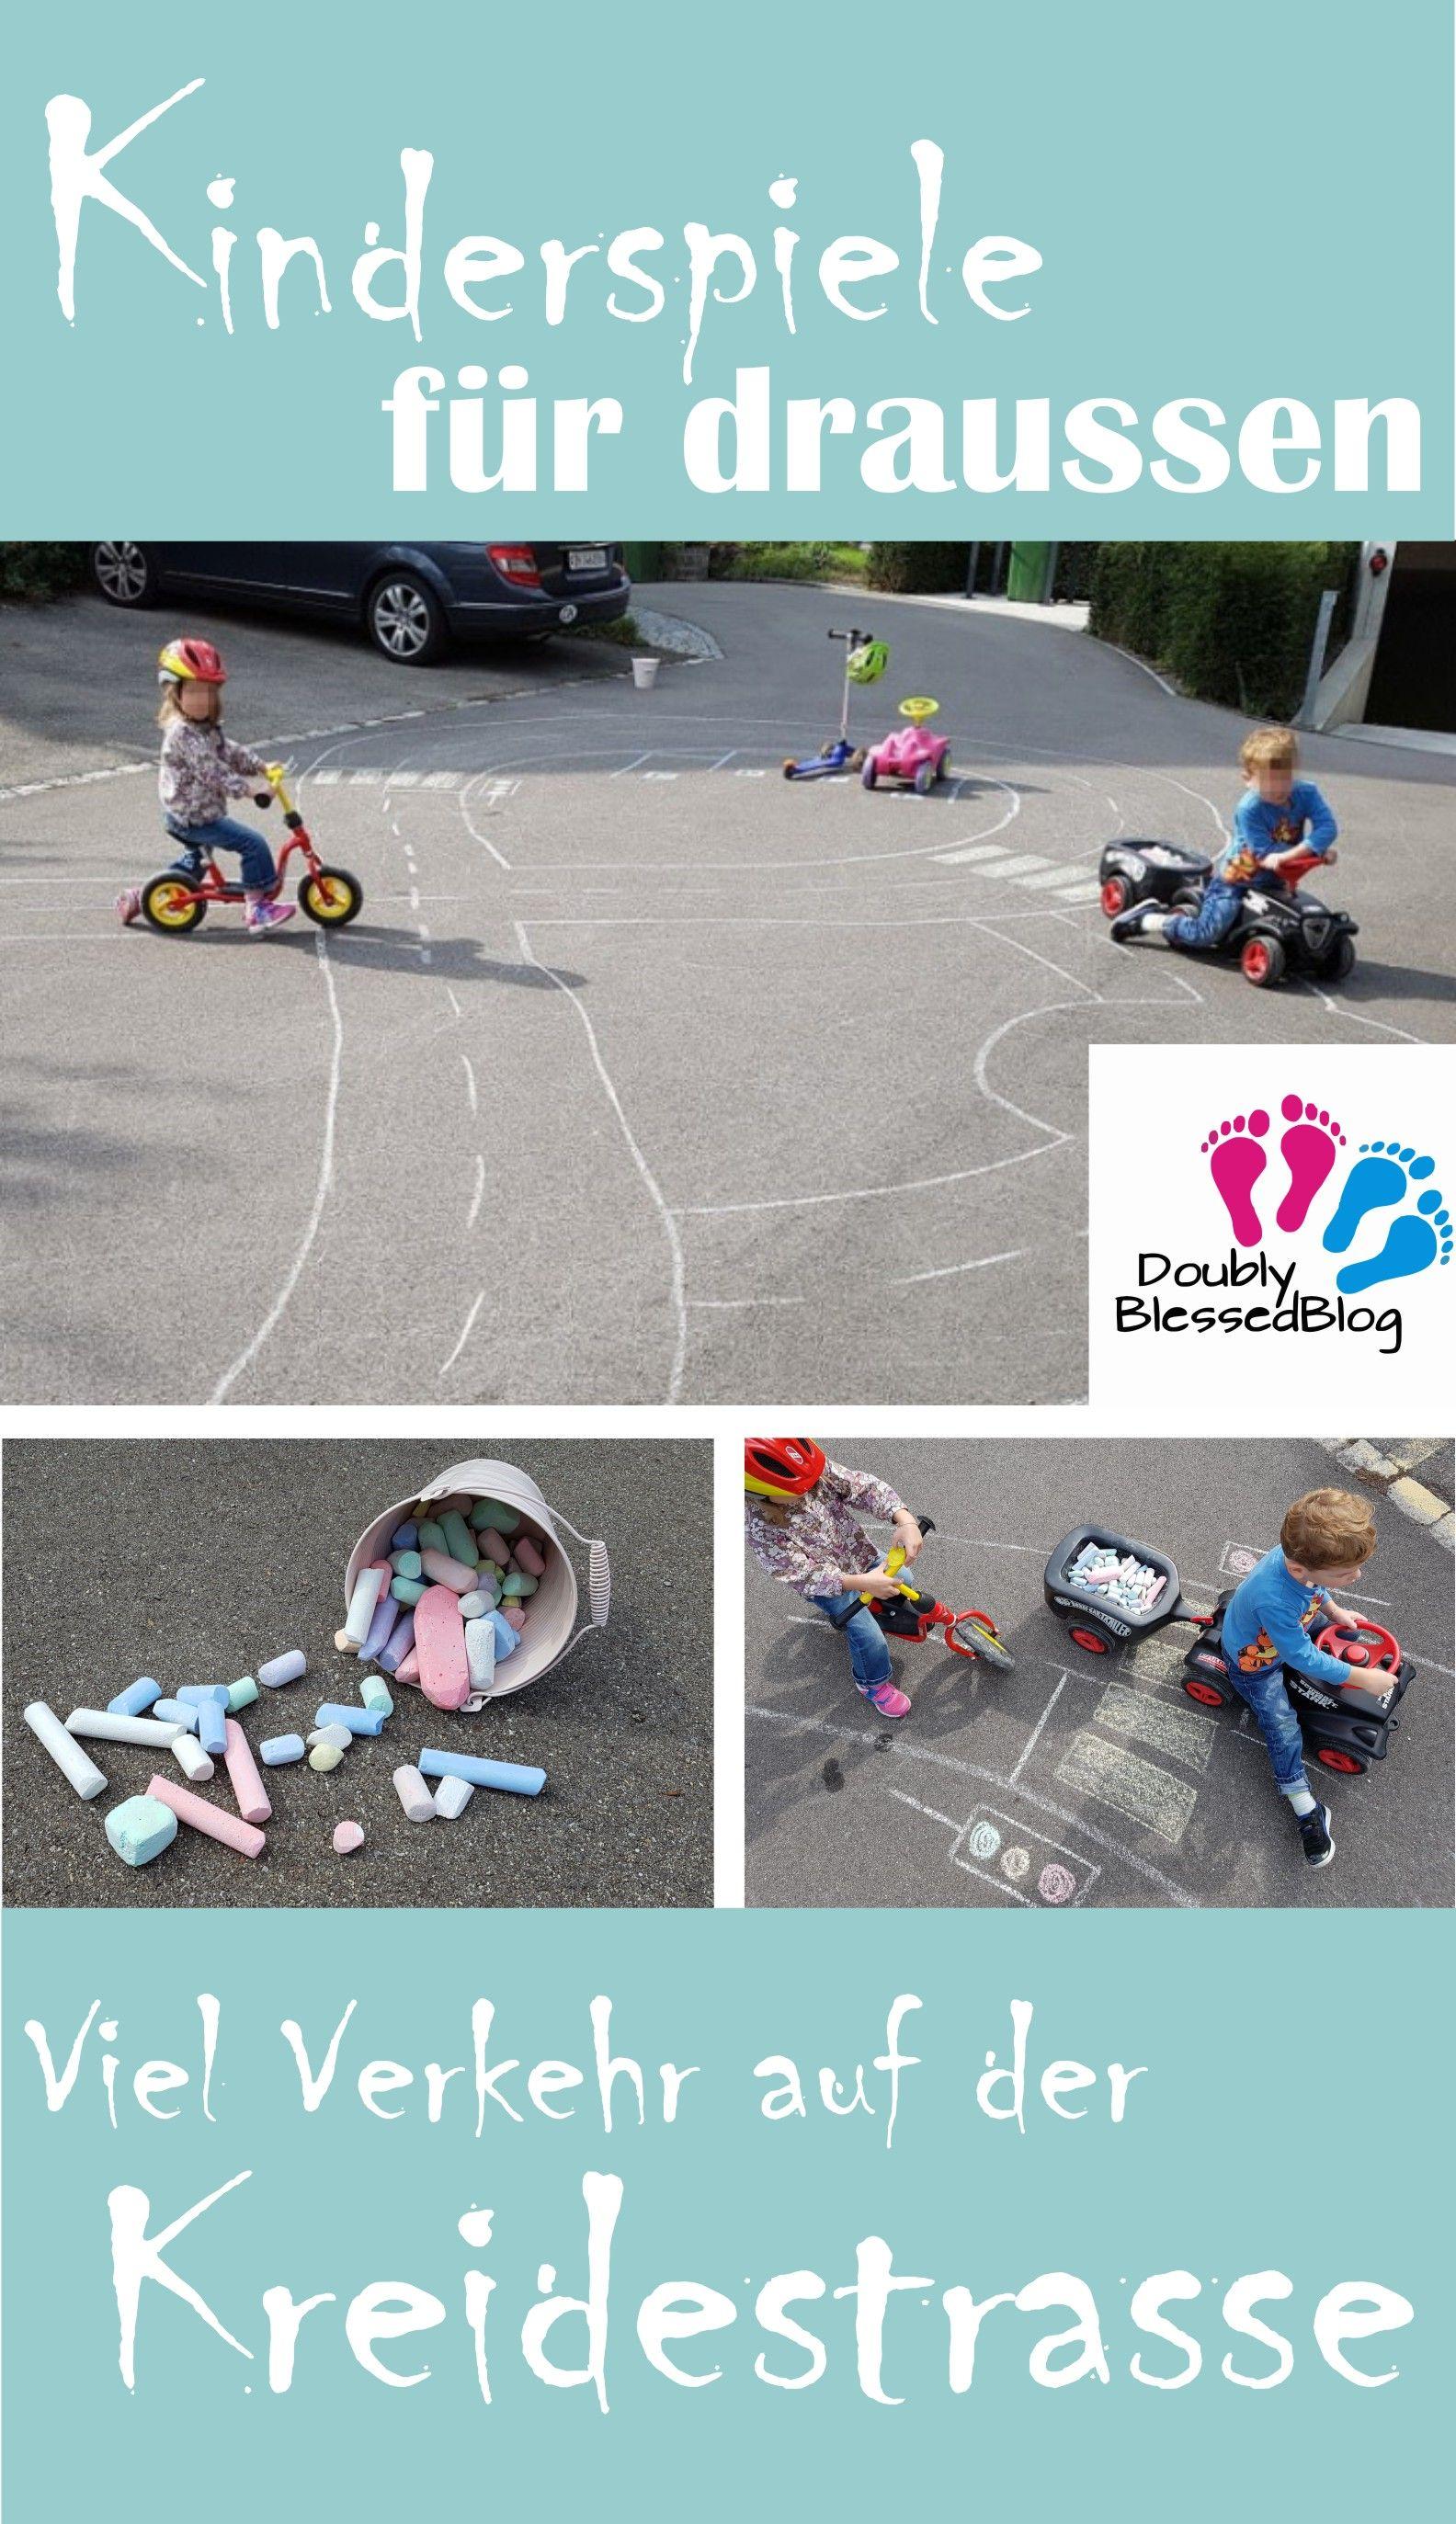 Kinderspiele Verkehr Auf Der Kreidestrasse Doublyblessedblog Kinder Spiele Draussen Kinderspiele Auto Spiele